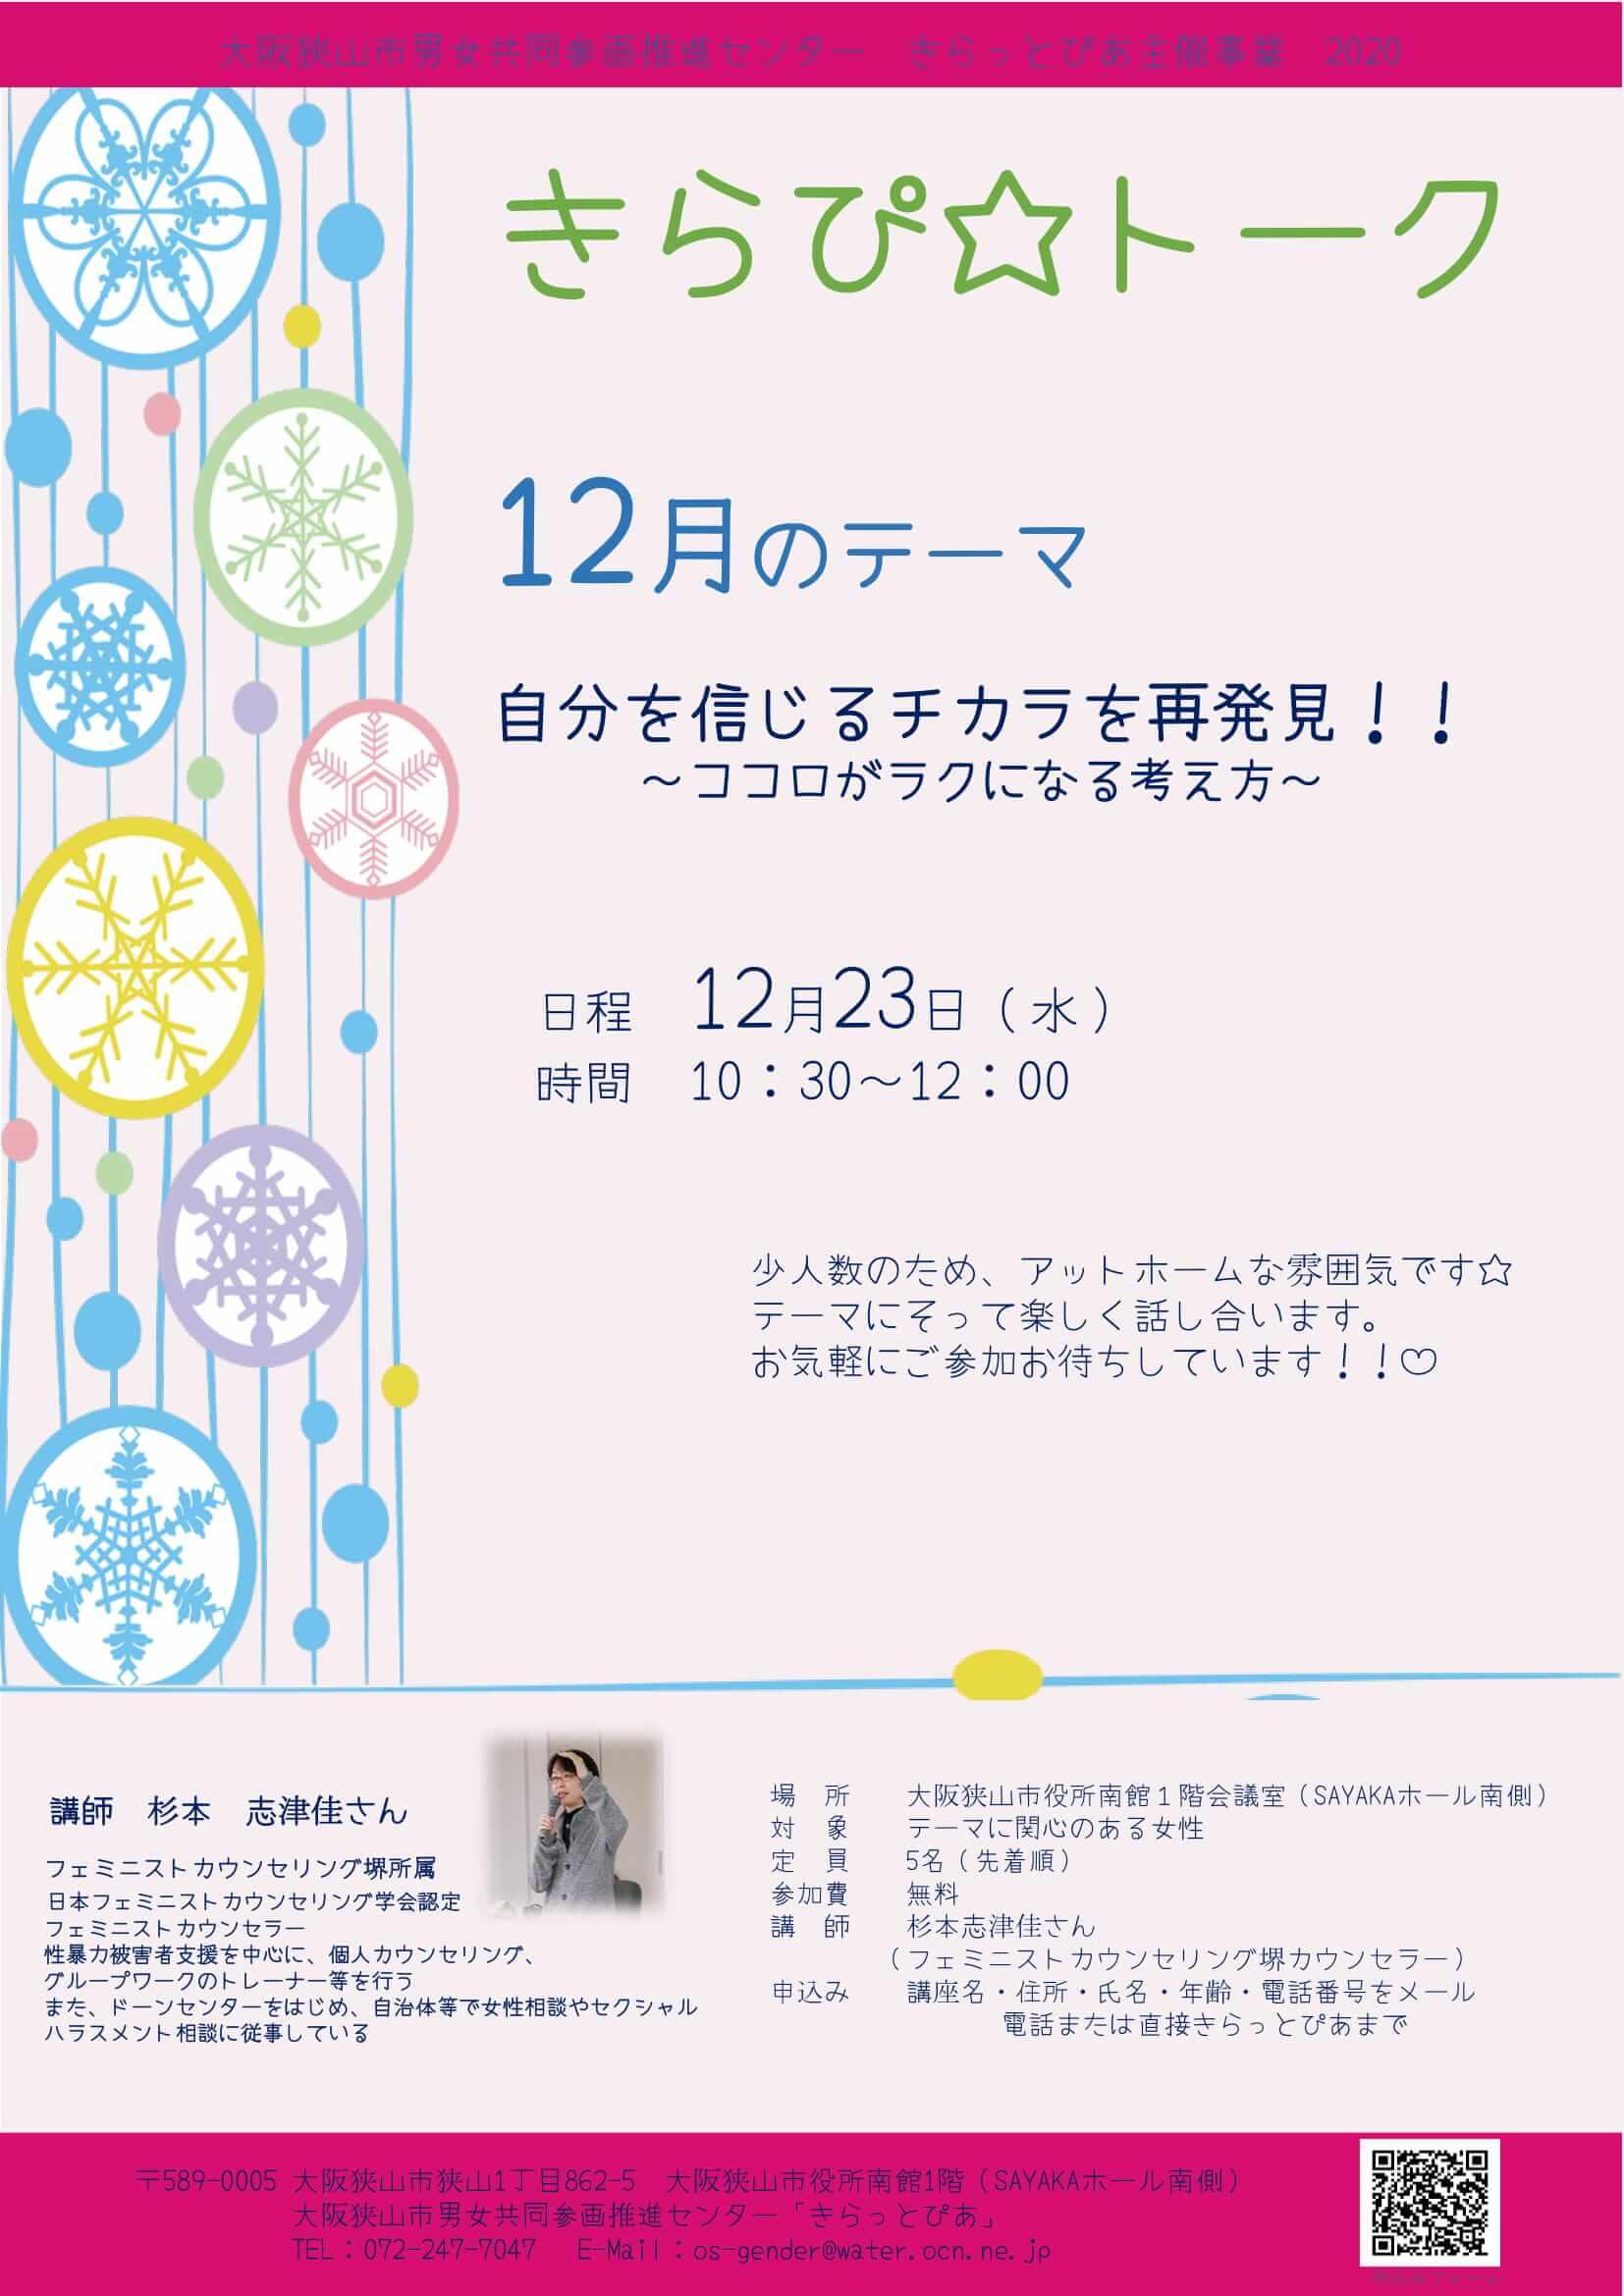 【12月23日】12月のきらぴ☆トーク「自分を信じるチカラを再発見!!」